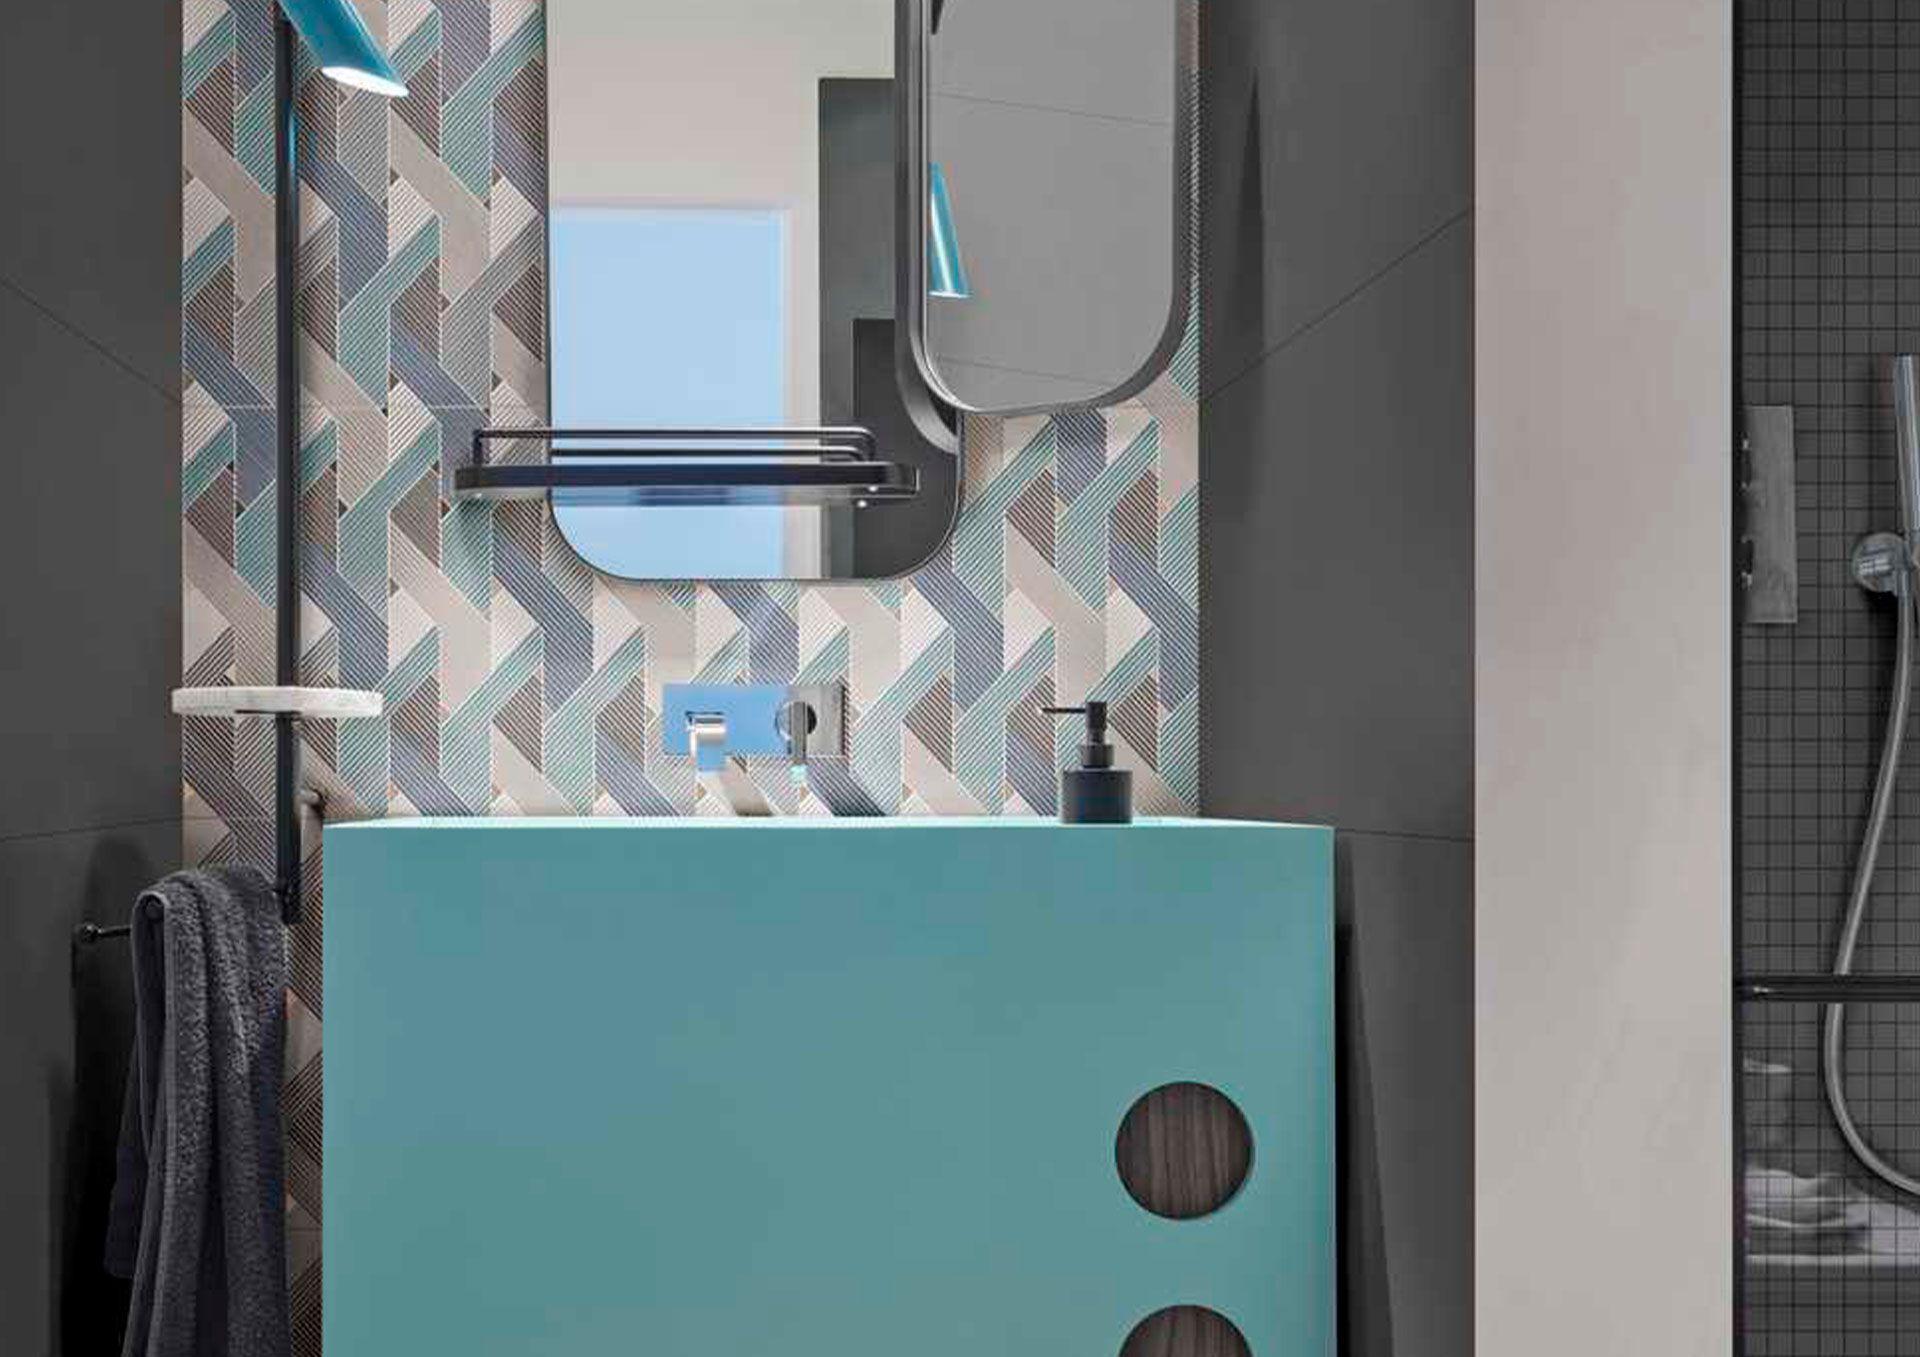 azulejos para ban  os modernos en cantabria